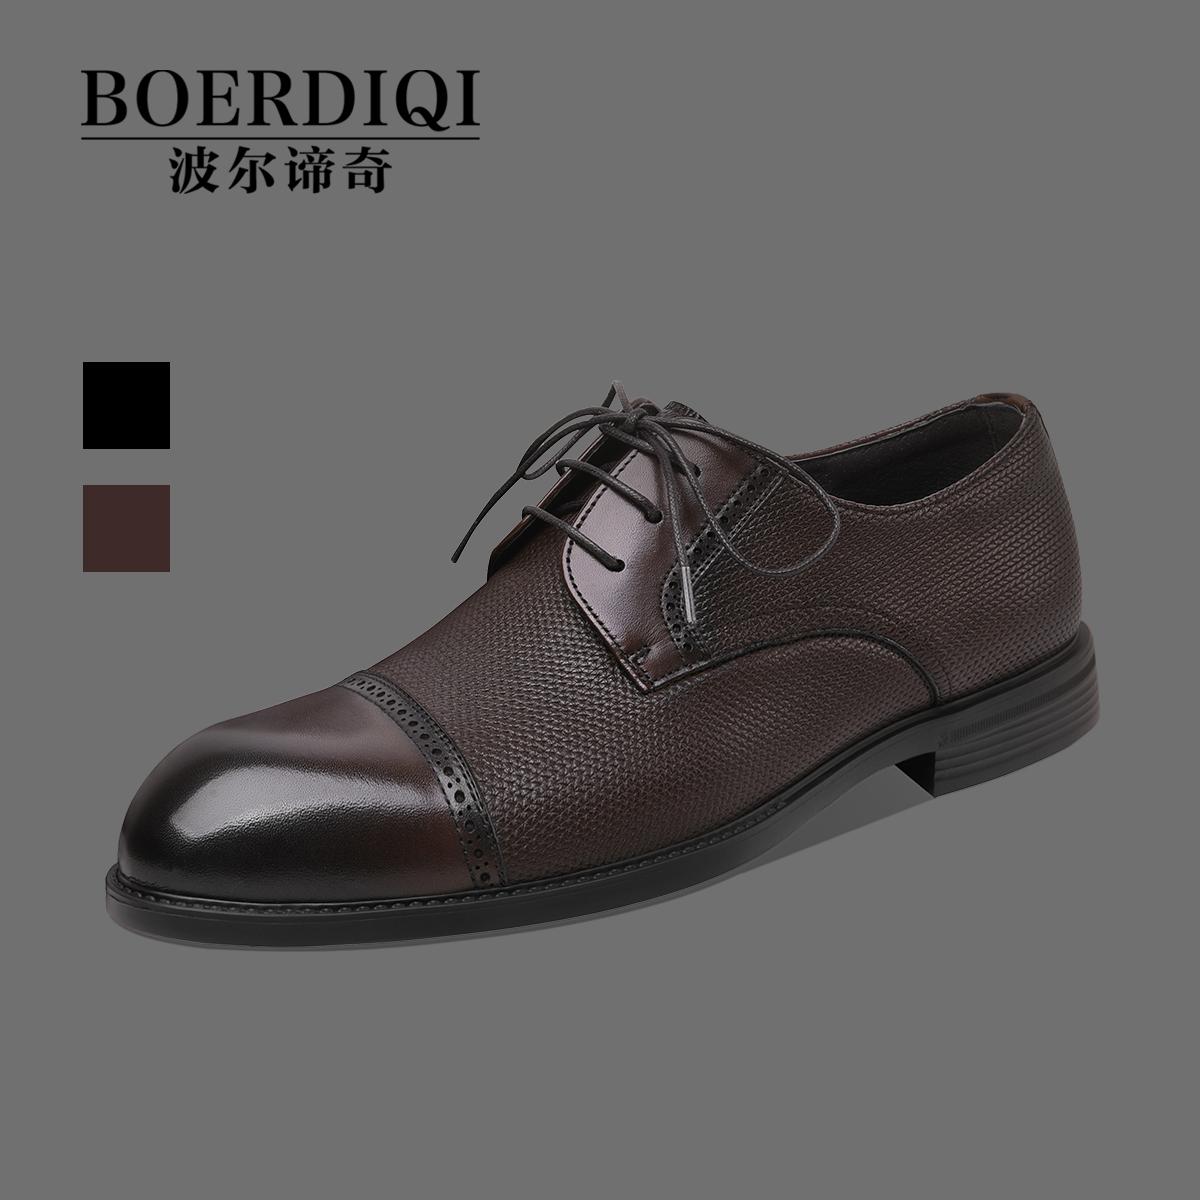 ハイエンドの手作りオーダーメイドビジネス靴新型レザー皮革革クラシックエレンダービー靴社交正装靴